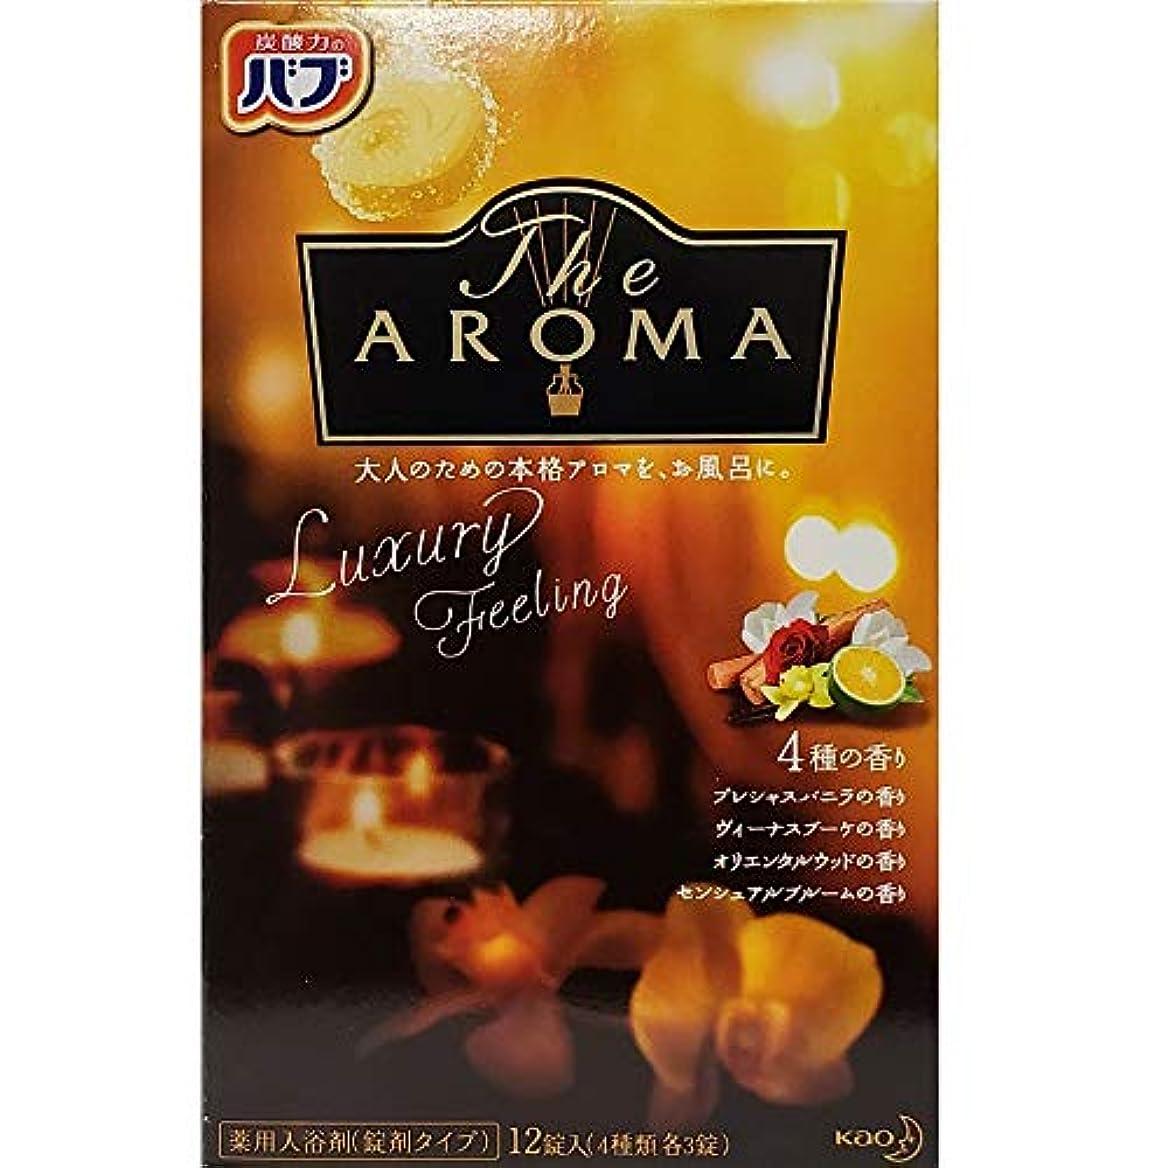 戸棚引き出すガチョウバブ The Aroma Luxury Feeling 40g×12錠(4種類 各3錠) 医薬部外品